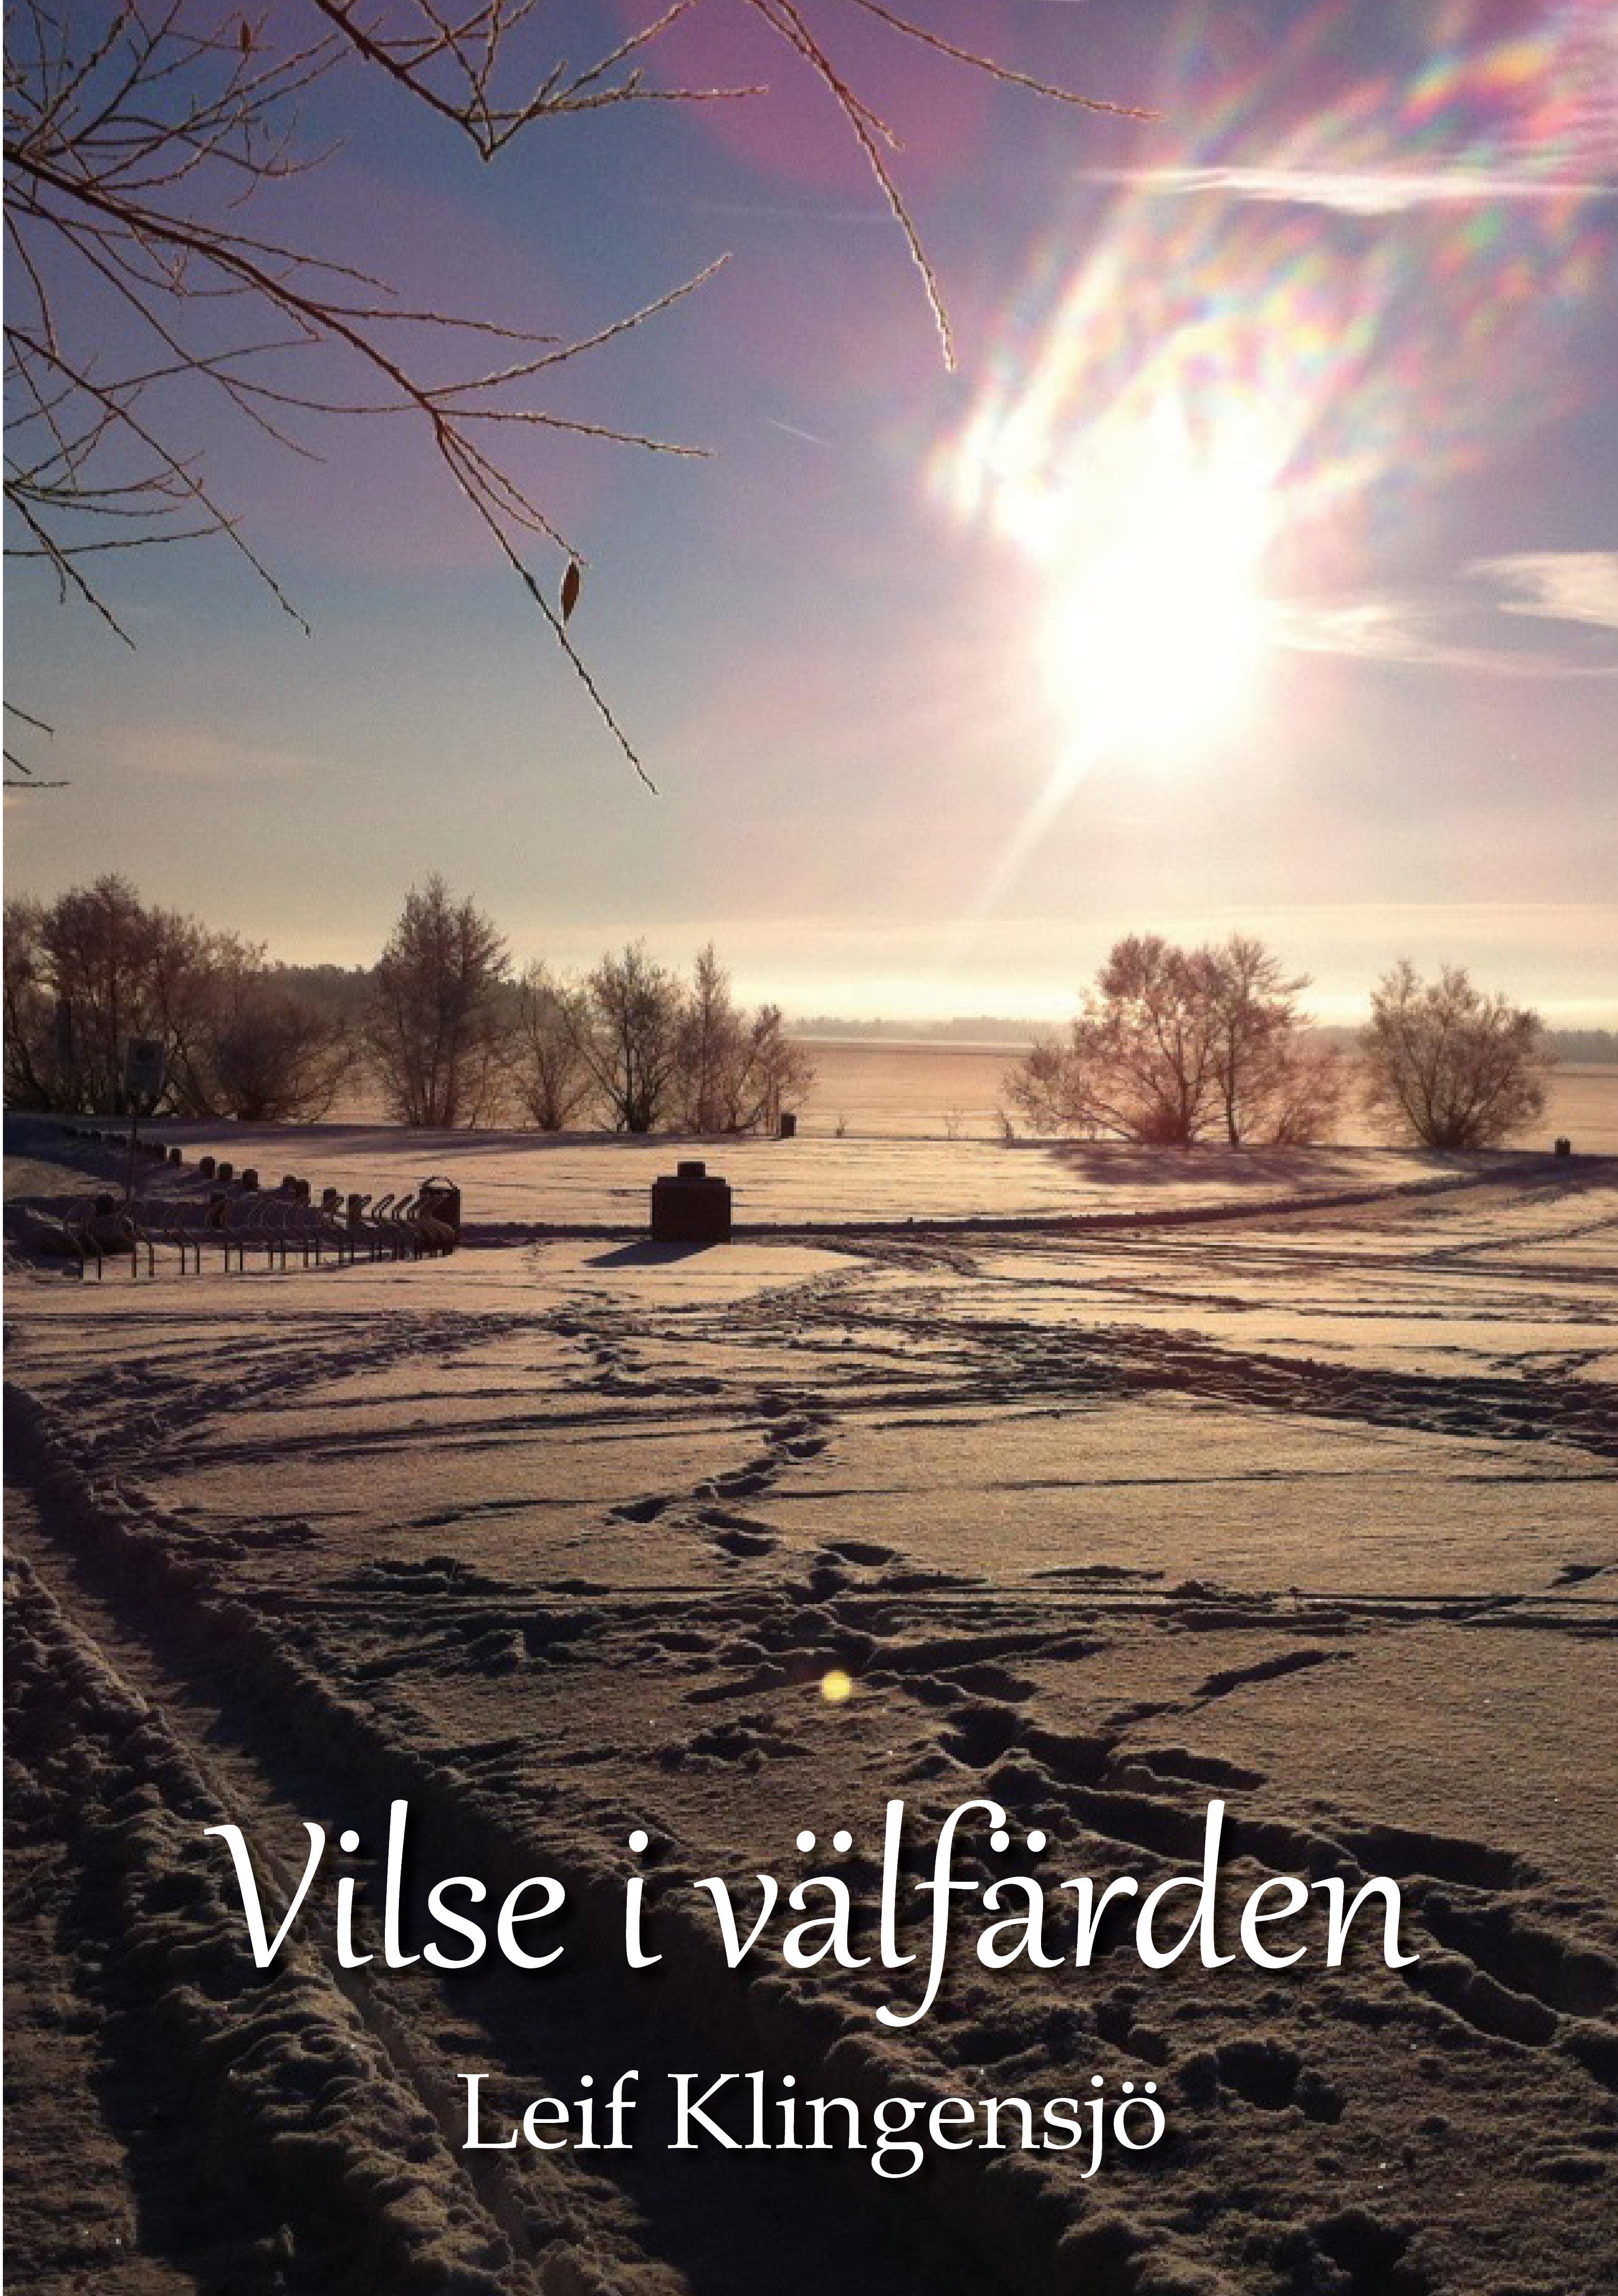 Vilse i välfärden av Leif Klingensjö